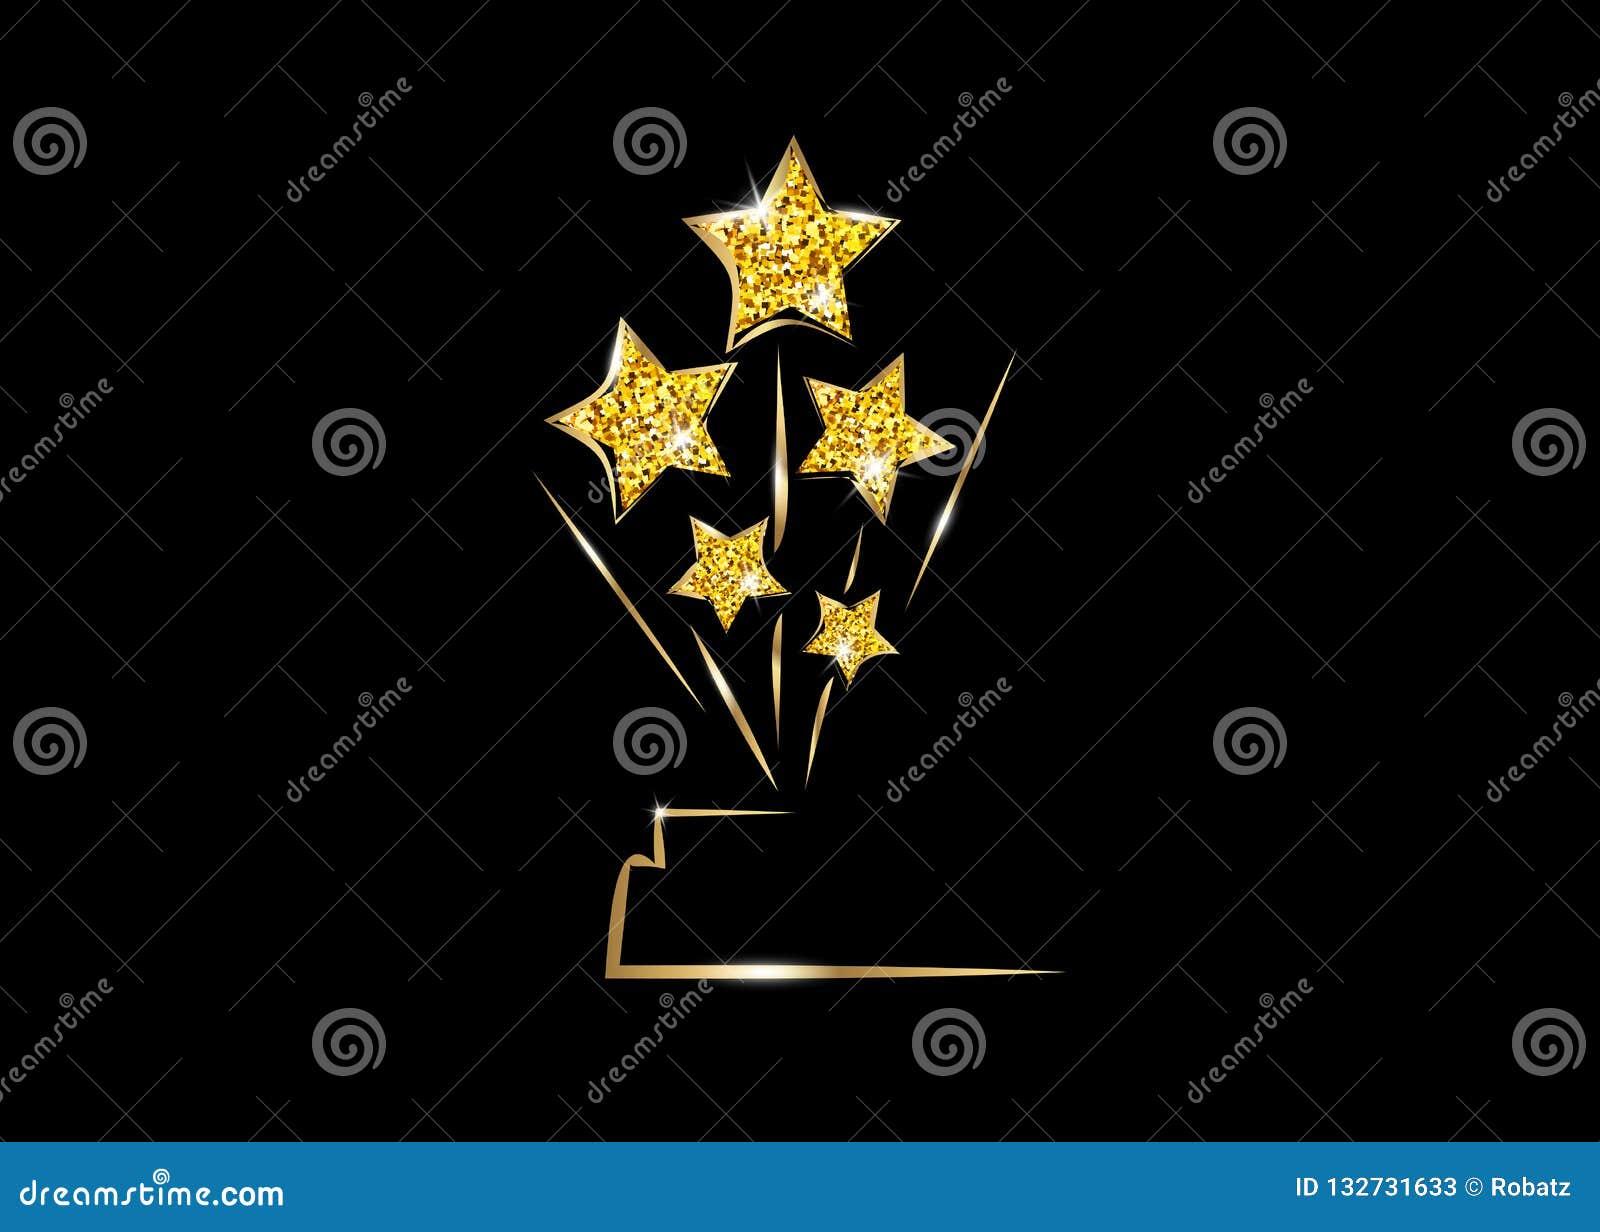 Pris för staty för UTMÄRKELSE för STJÄRNA för HOLLYWOOD Oscars filmPARTI som guld- ger ceremoni Guld- begrepp för stjärnaprissymb